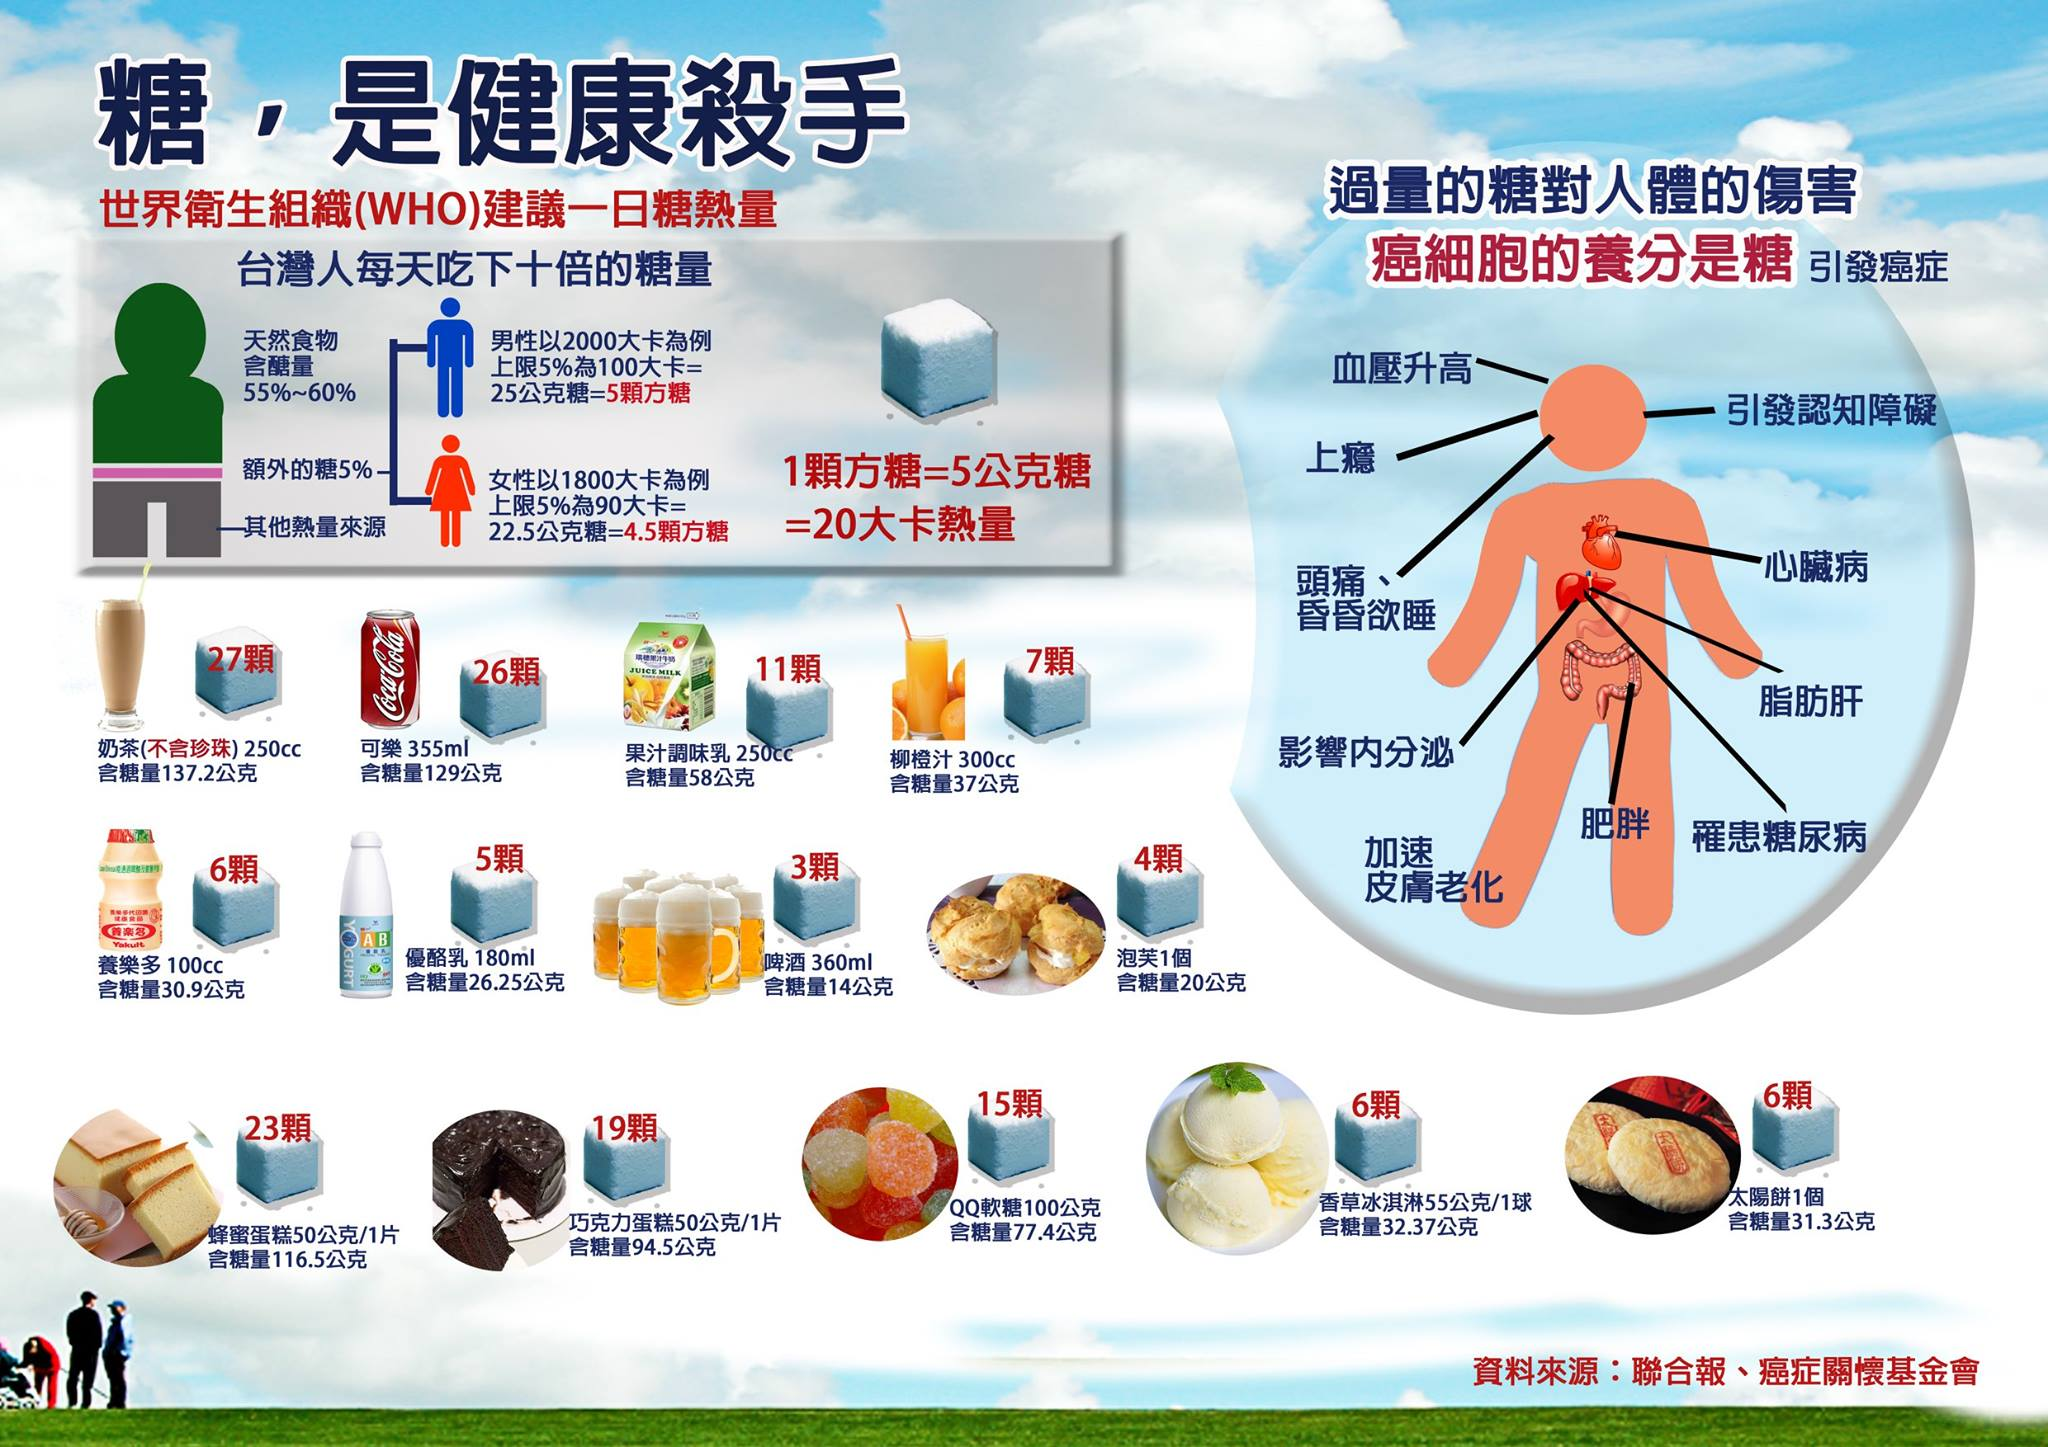 圖解糖是健康殺手.jpg